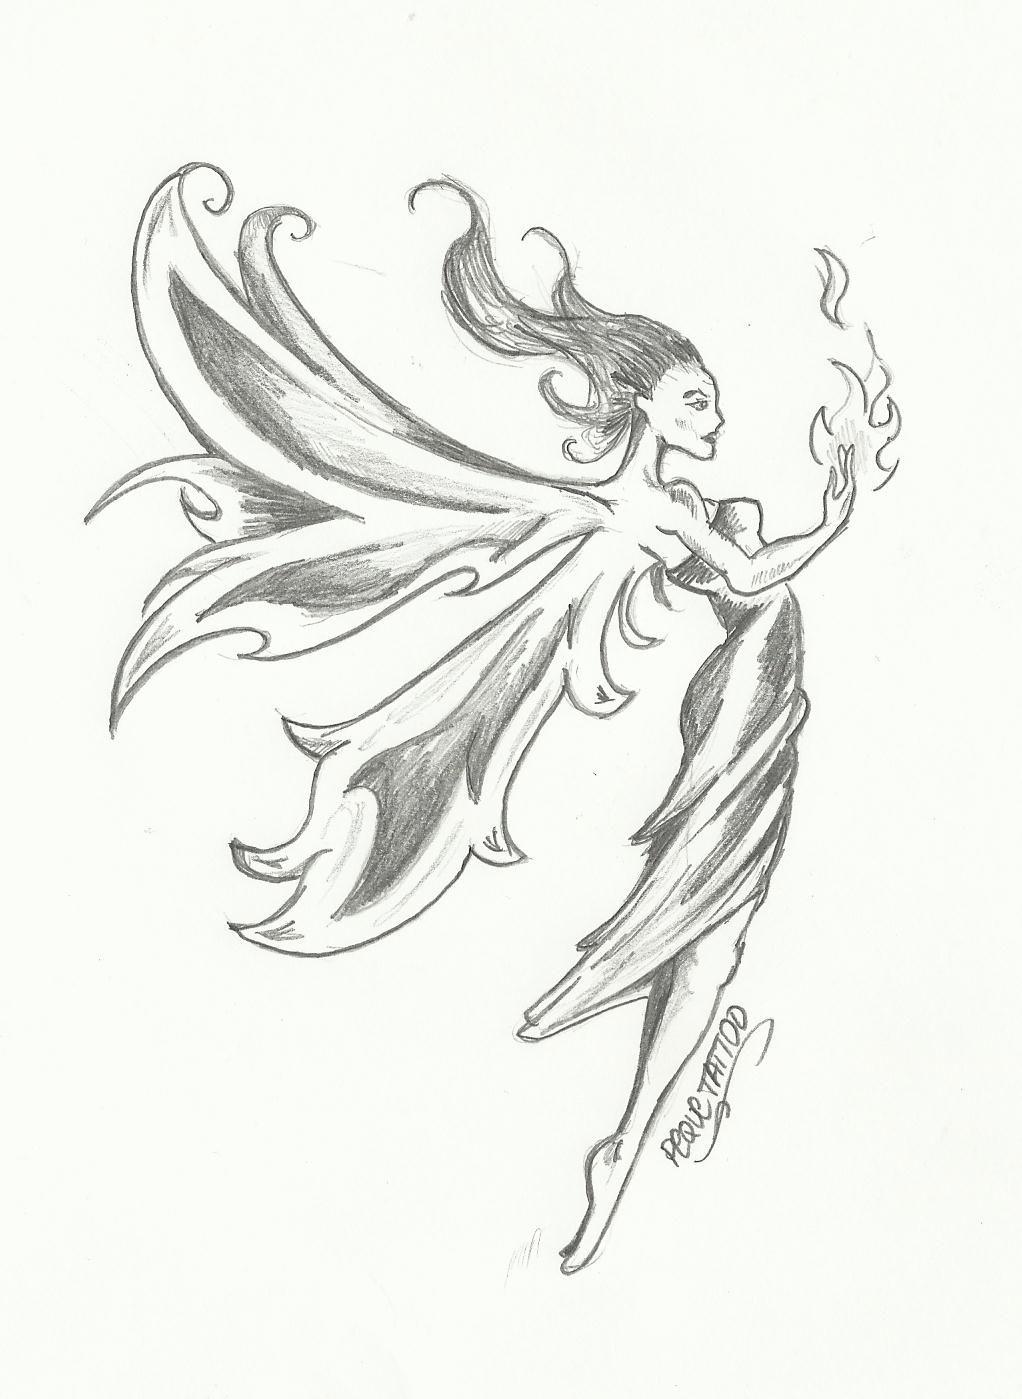 imagenes de dibujos a lapiz de hadas